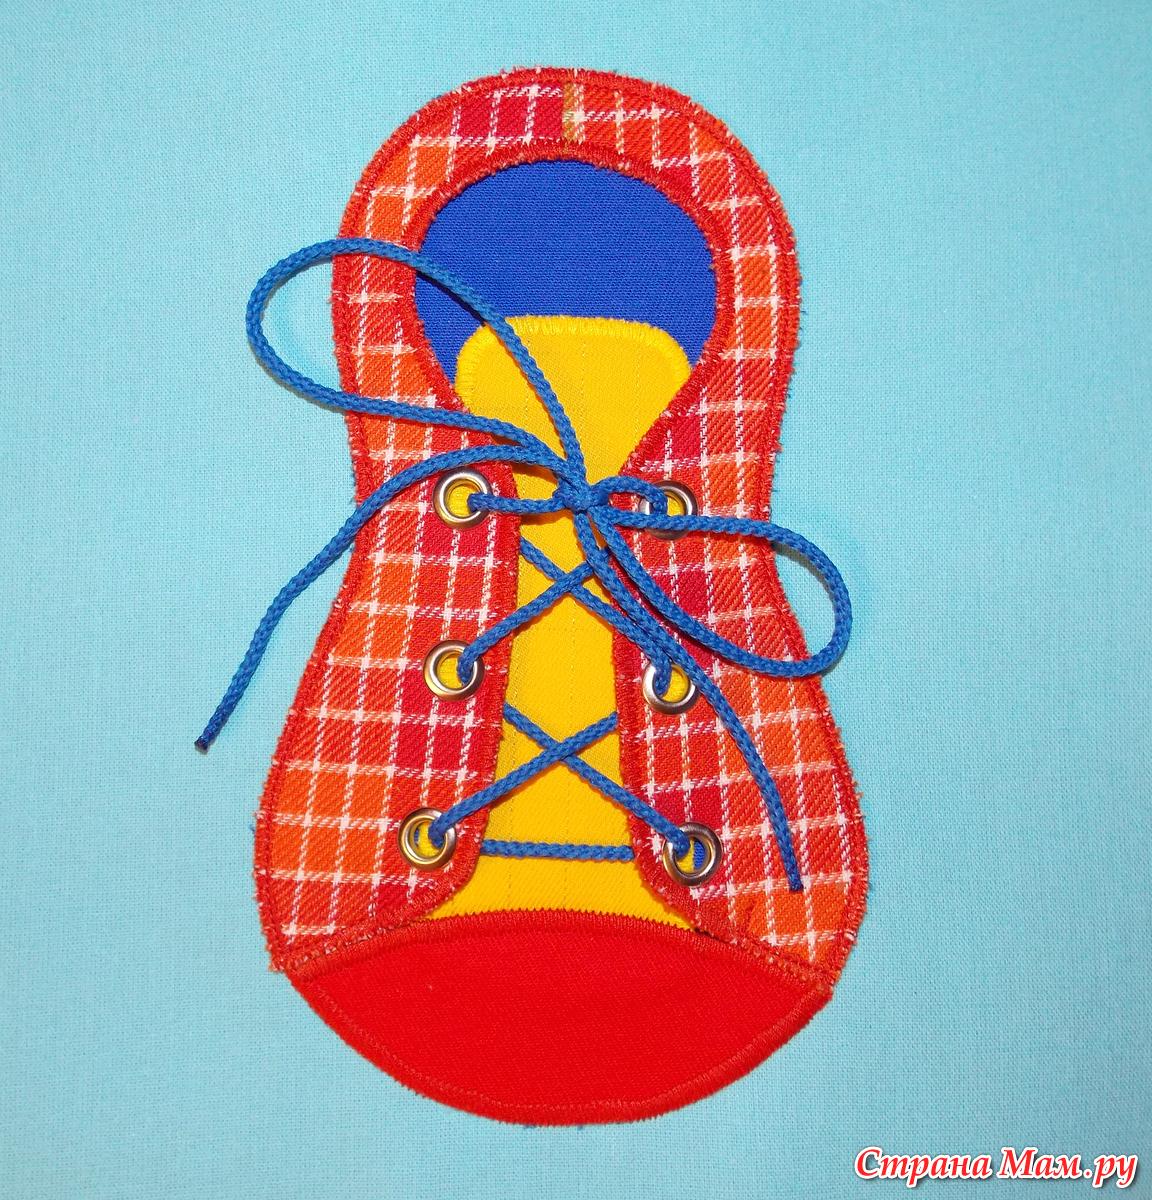 Шнуровка своими руками ботинки 572